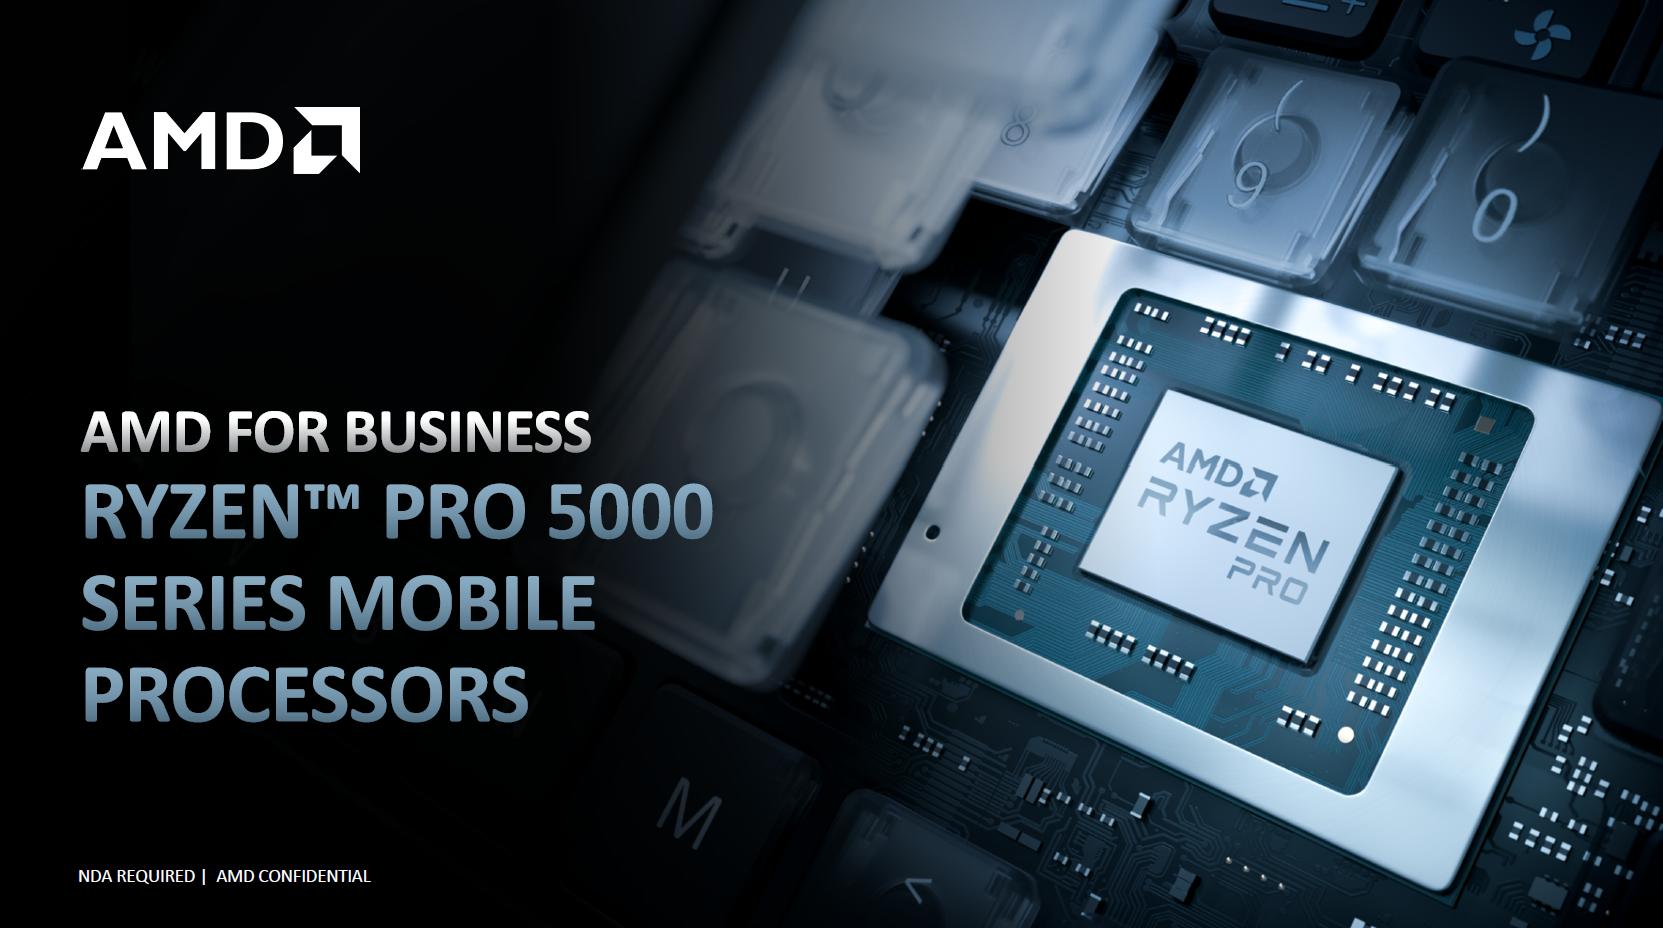 AMD锐龙PRO 5000系列商用移动处理器发布